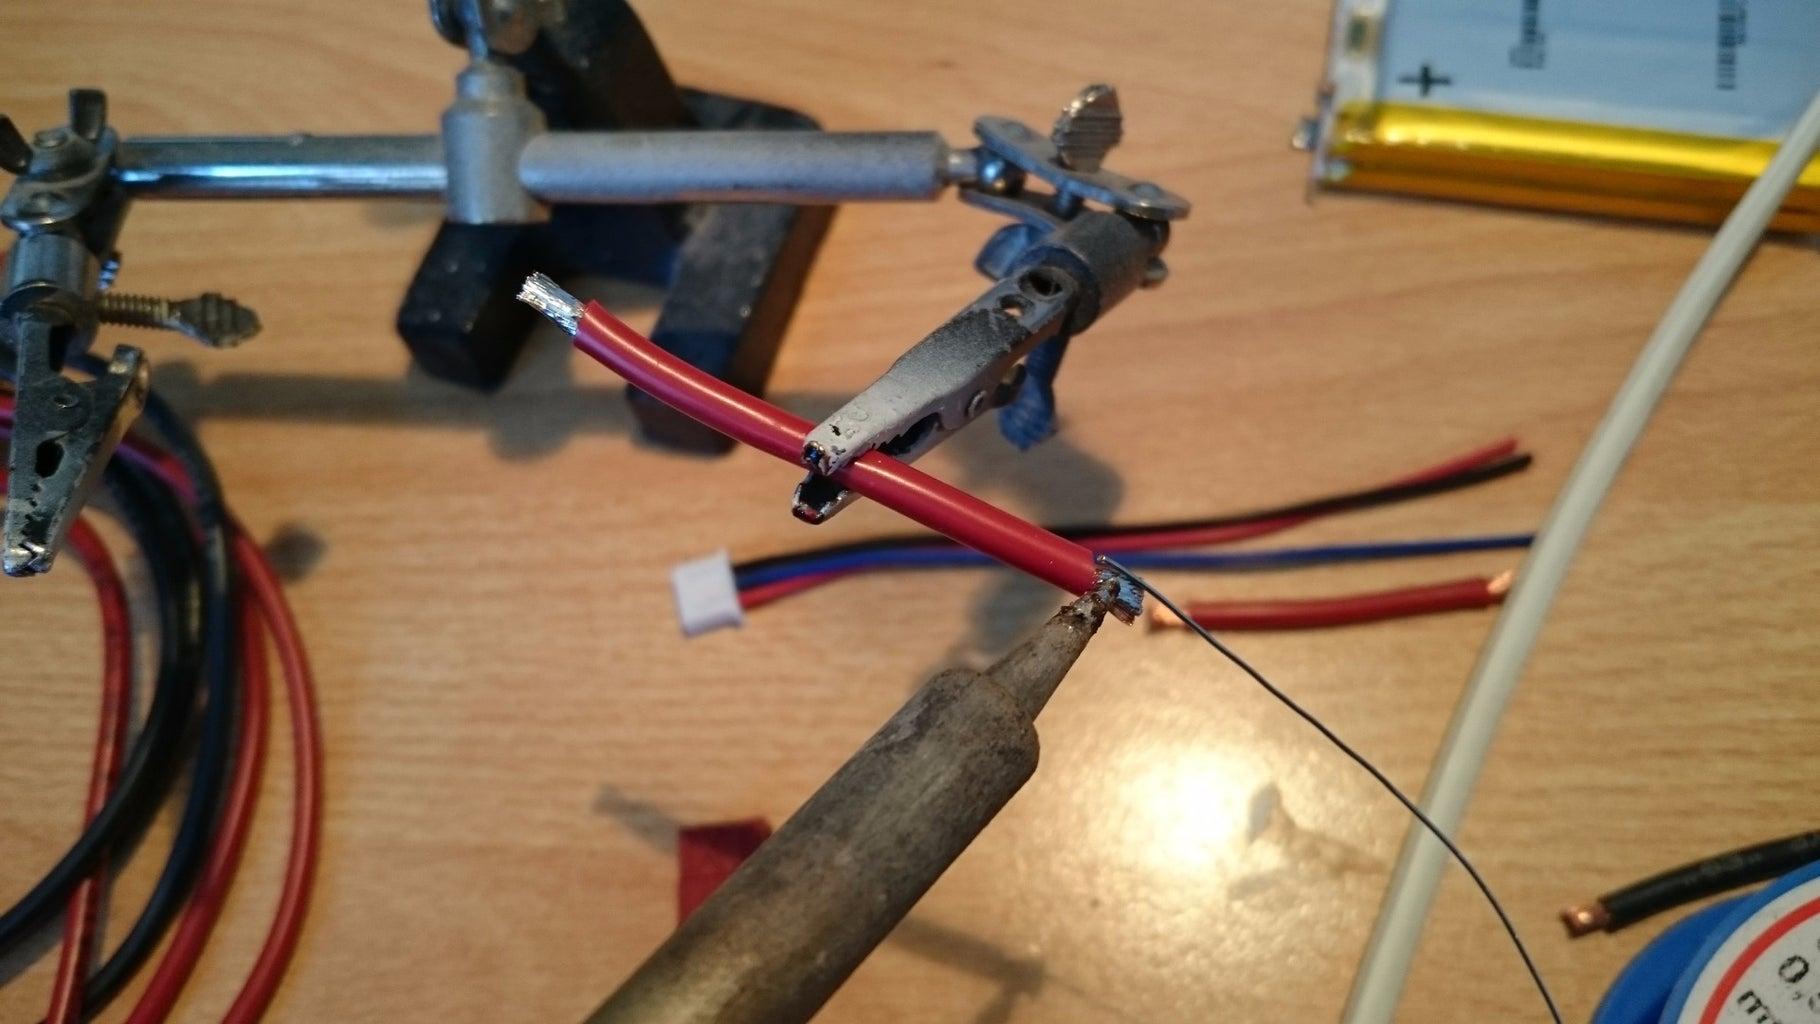 Prepare the Cables